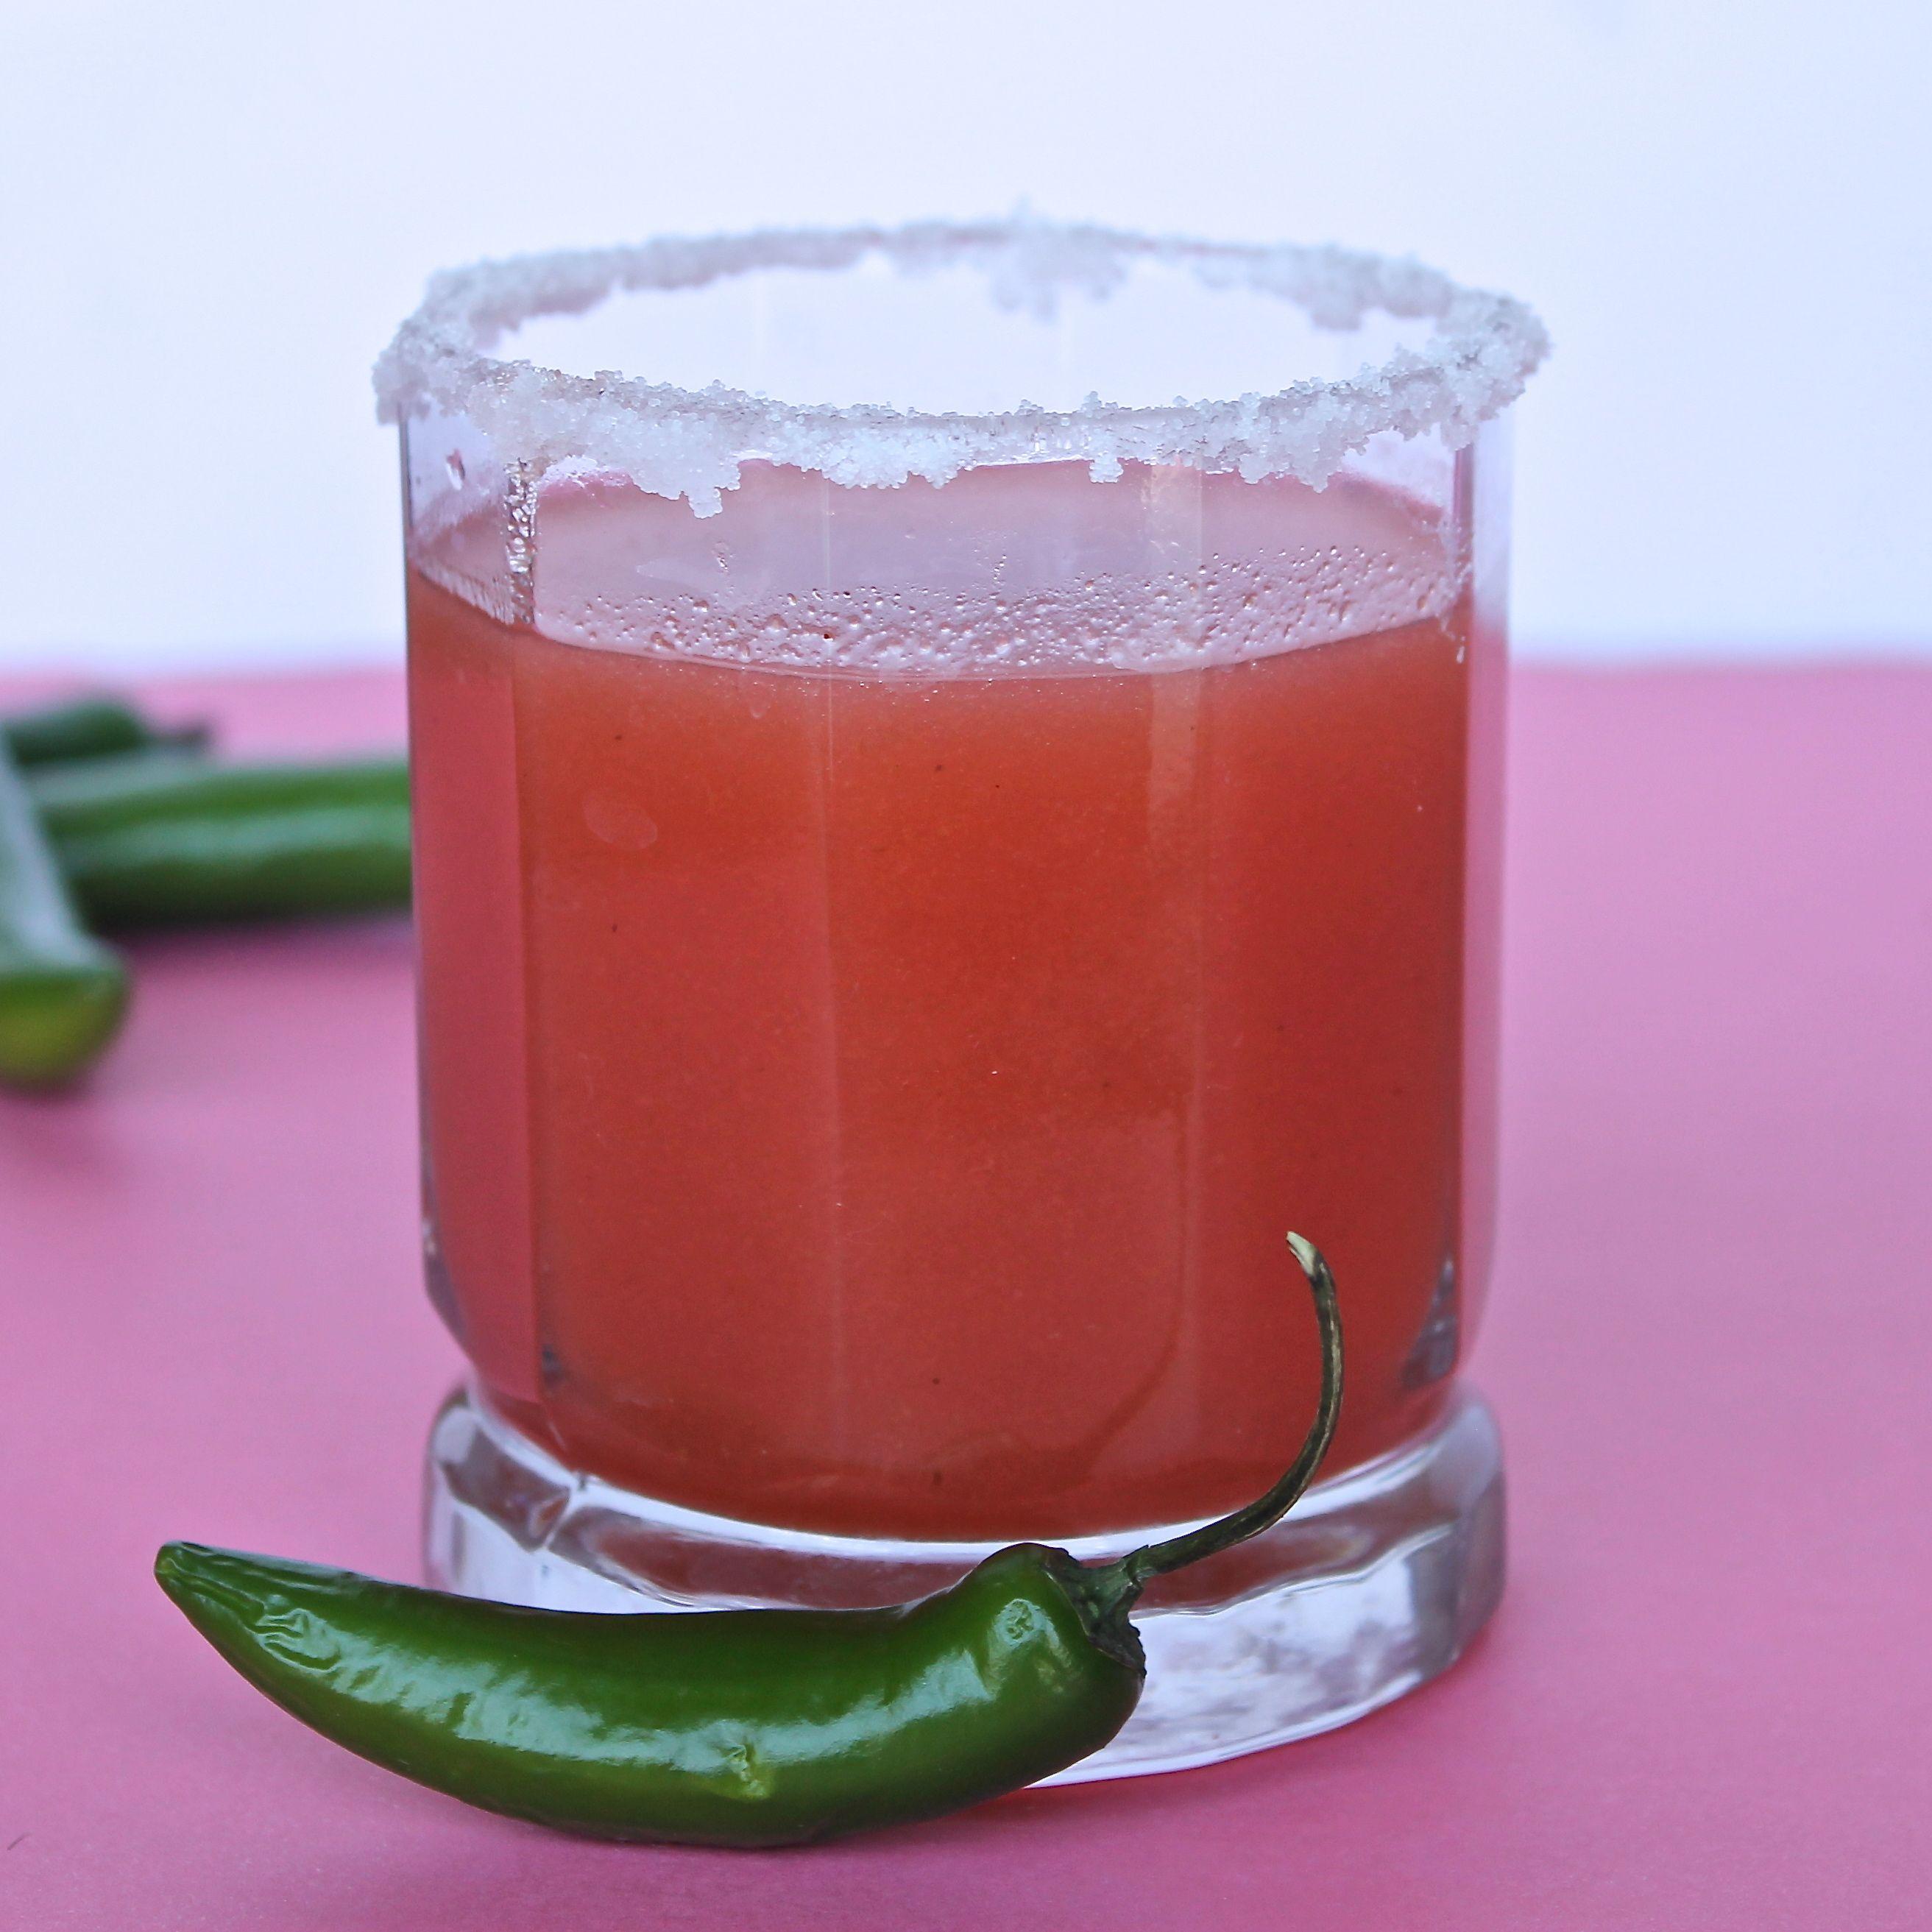 Spicy Jalapeno Guava Margarita Lorimer Street Kitchen Recipe Guava Margarita Jalepeno Margarita Recipe Guava Smoothie